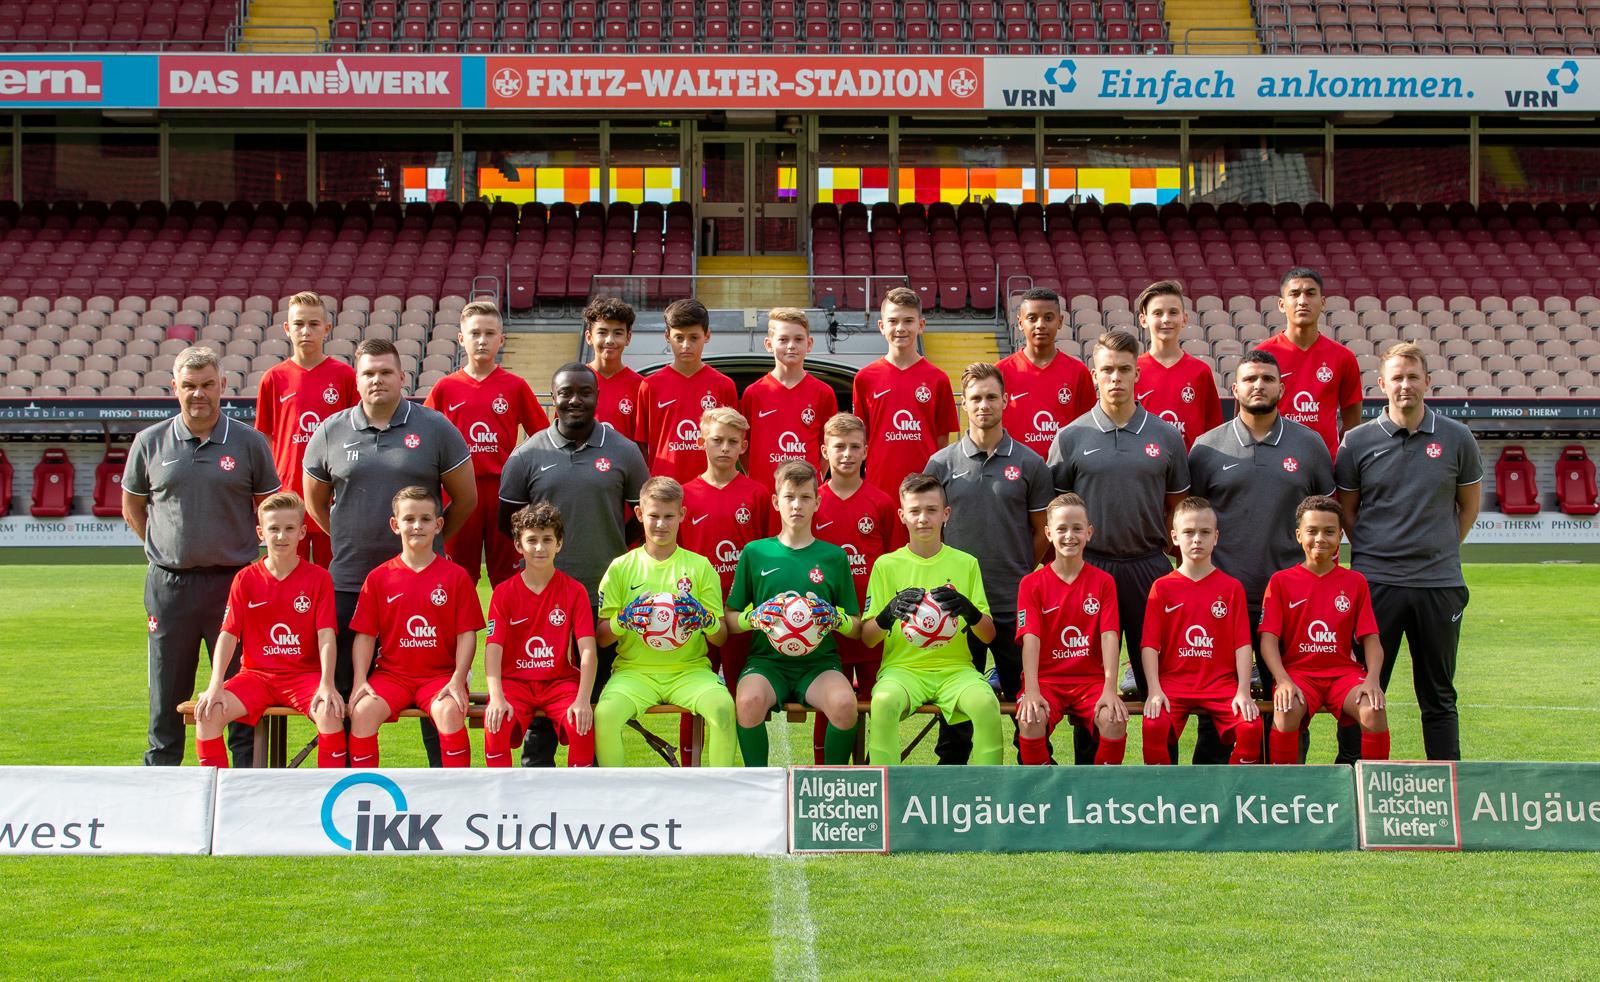 Mannschaftsfoto der FCK-U13 der Saison 2019/20